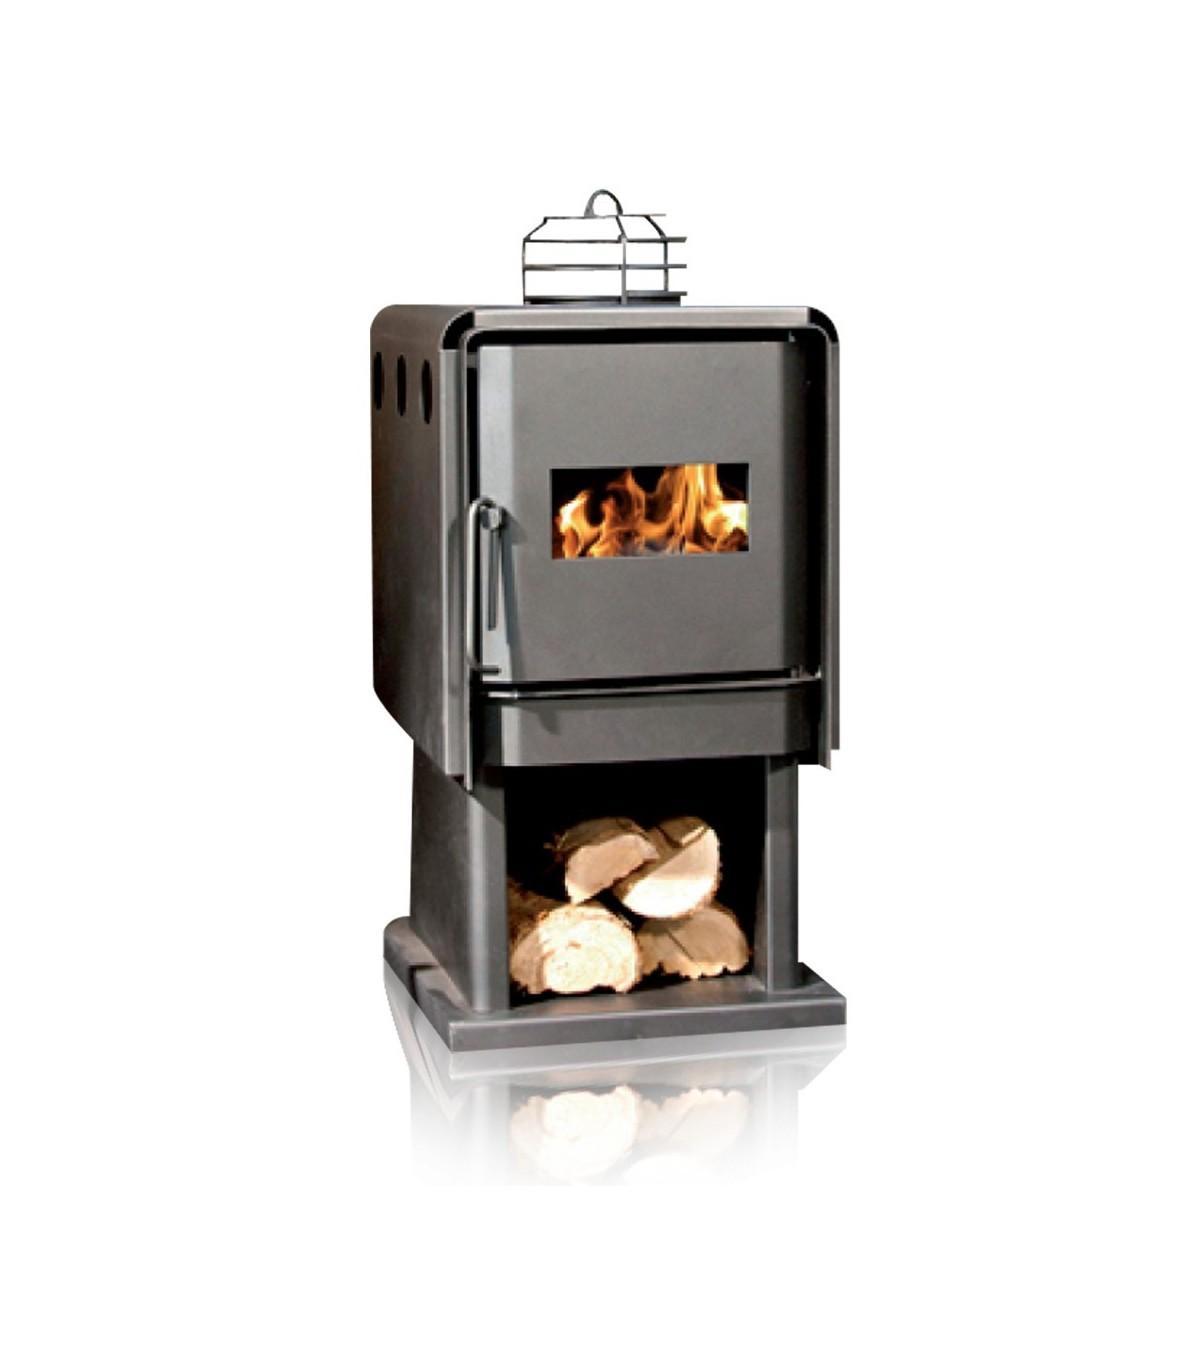 Sistemas de calefacci n para el hogar - Sistemas de calefaccion para el hogar ...